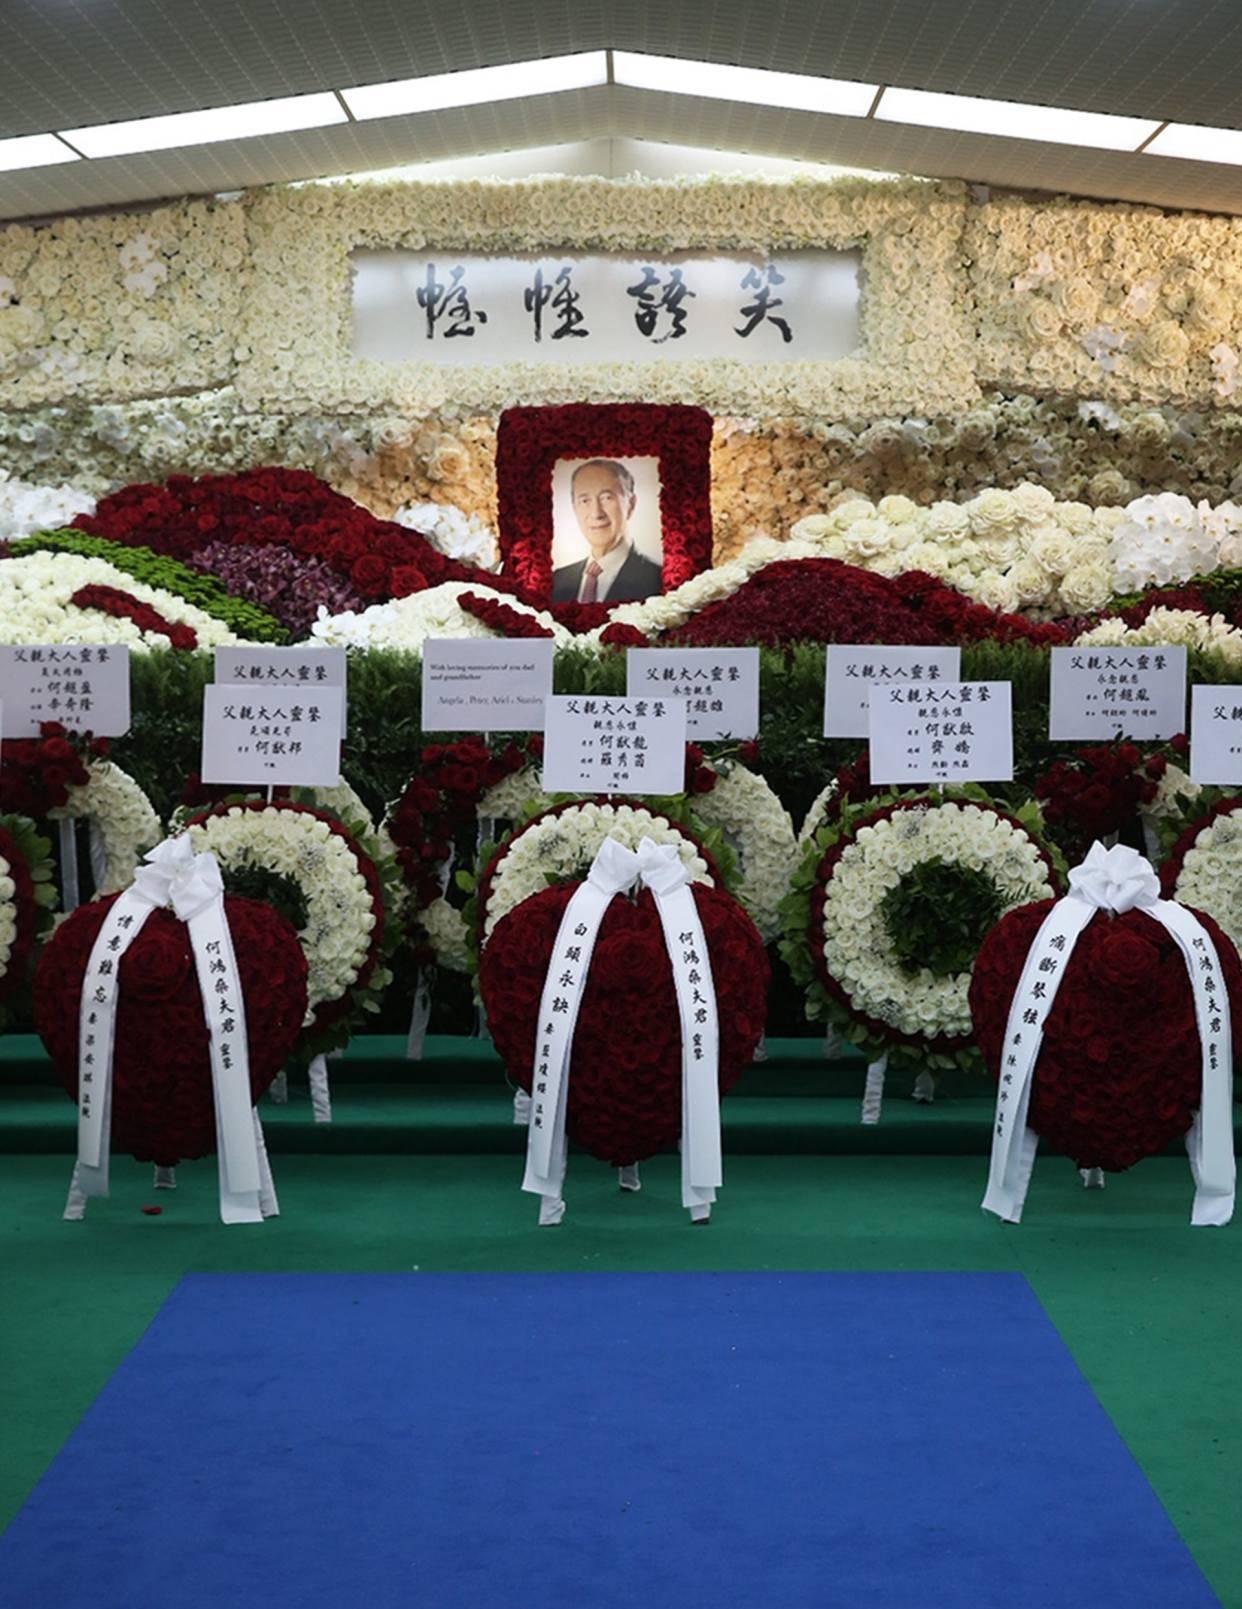 「何鸿燊」包殡仪馆举办葬礼,离不开这层关系何家风光大葬赌王